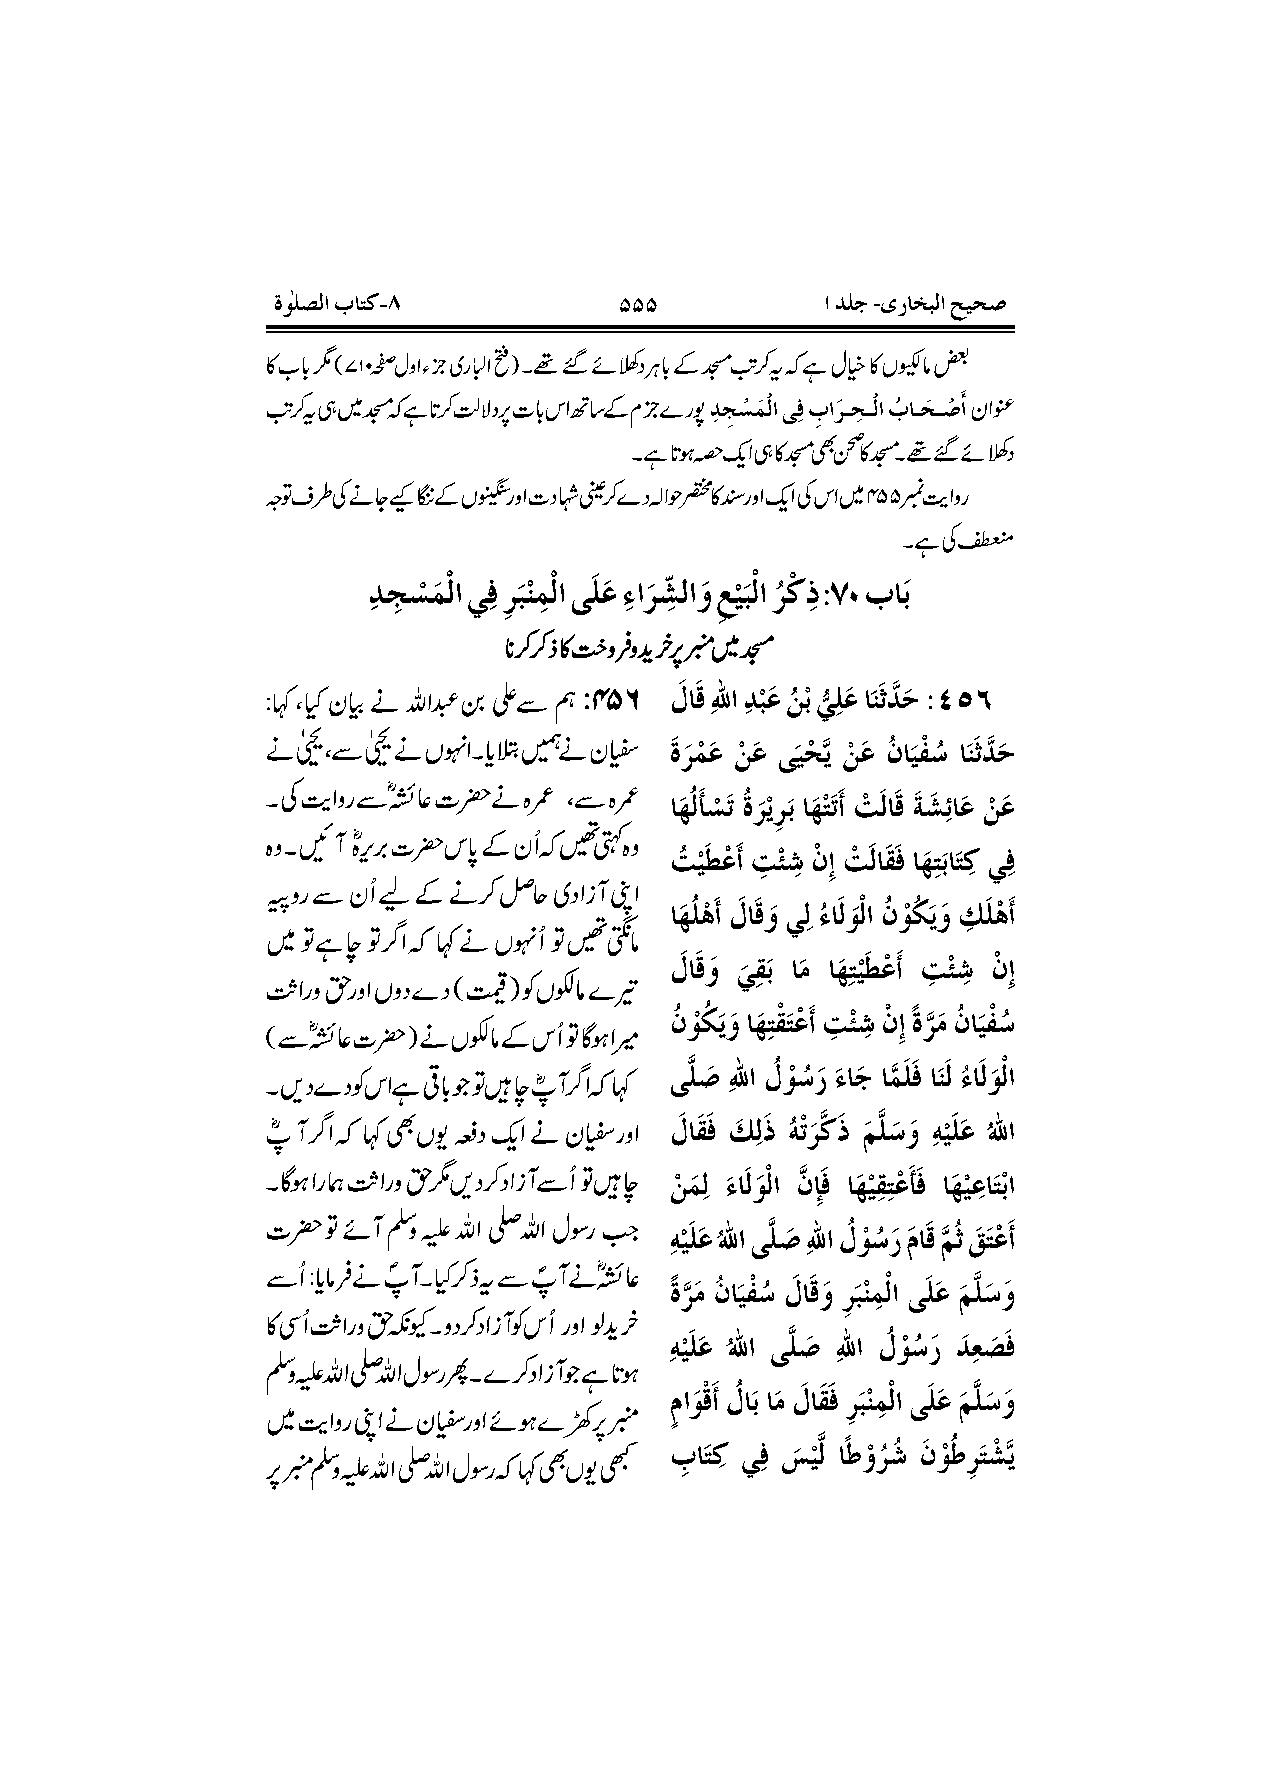 sahih al bukhari english pdf